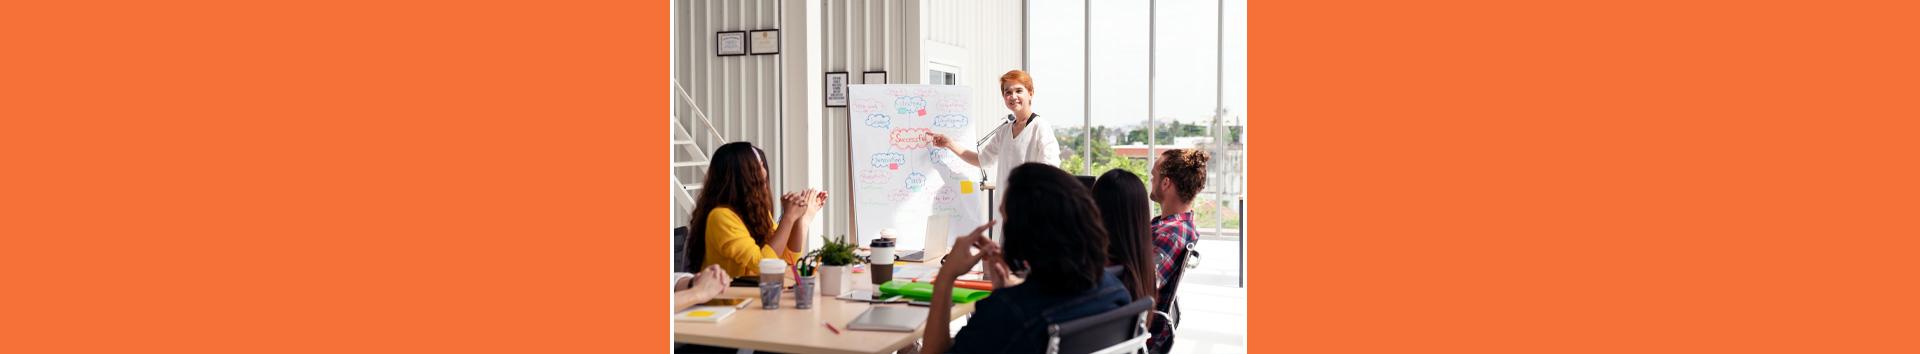 Eva Mosimann Intervision und Kollegiale Beratung für Fachleute Schulsozialarbeit und Soziale Arbeit